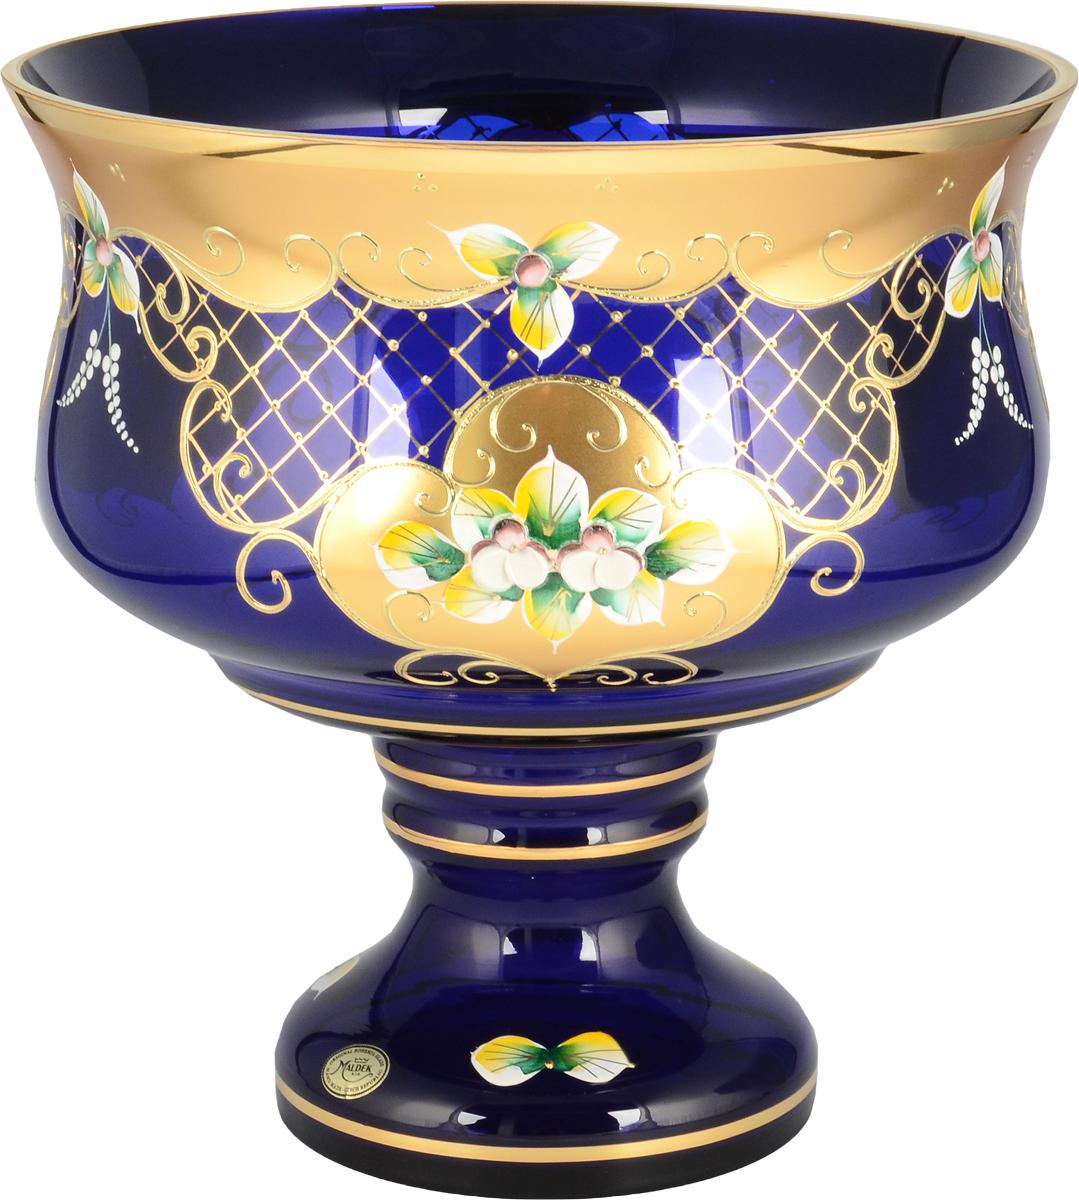 Фруктовница Bohemia, цвет: синий, 26 см. 2409924099Фруктовница Bohemia, выполненная из богемского стекла, сочетаетв себе классический дизайн с максимальнойфункциональностью. Фруктовницапредназначена для красивой сервировки конфет,фруктов и десертов. Элегантная и стильная, онаукрасит сервировку вашего стола и подчеркнетпрекрасный вкус хозяйки, а также станет отличнымподарком.